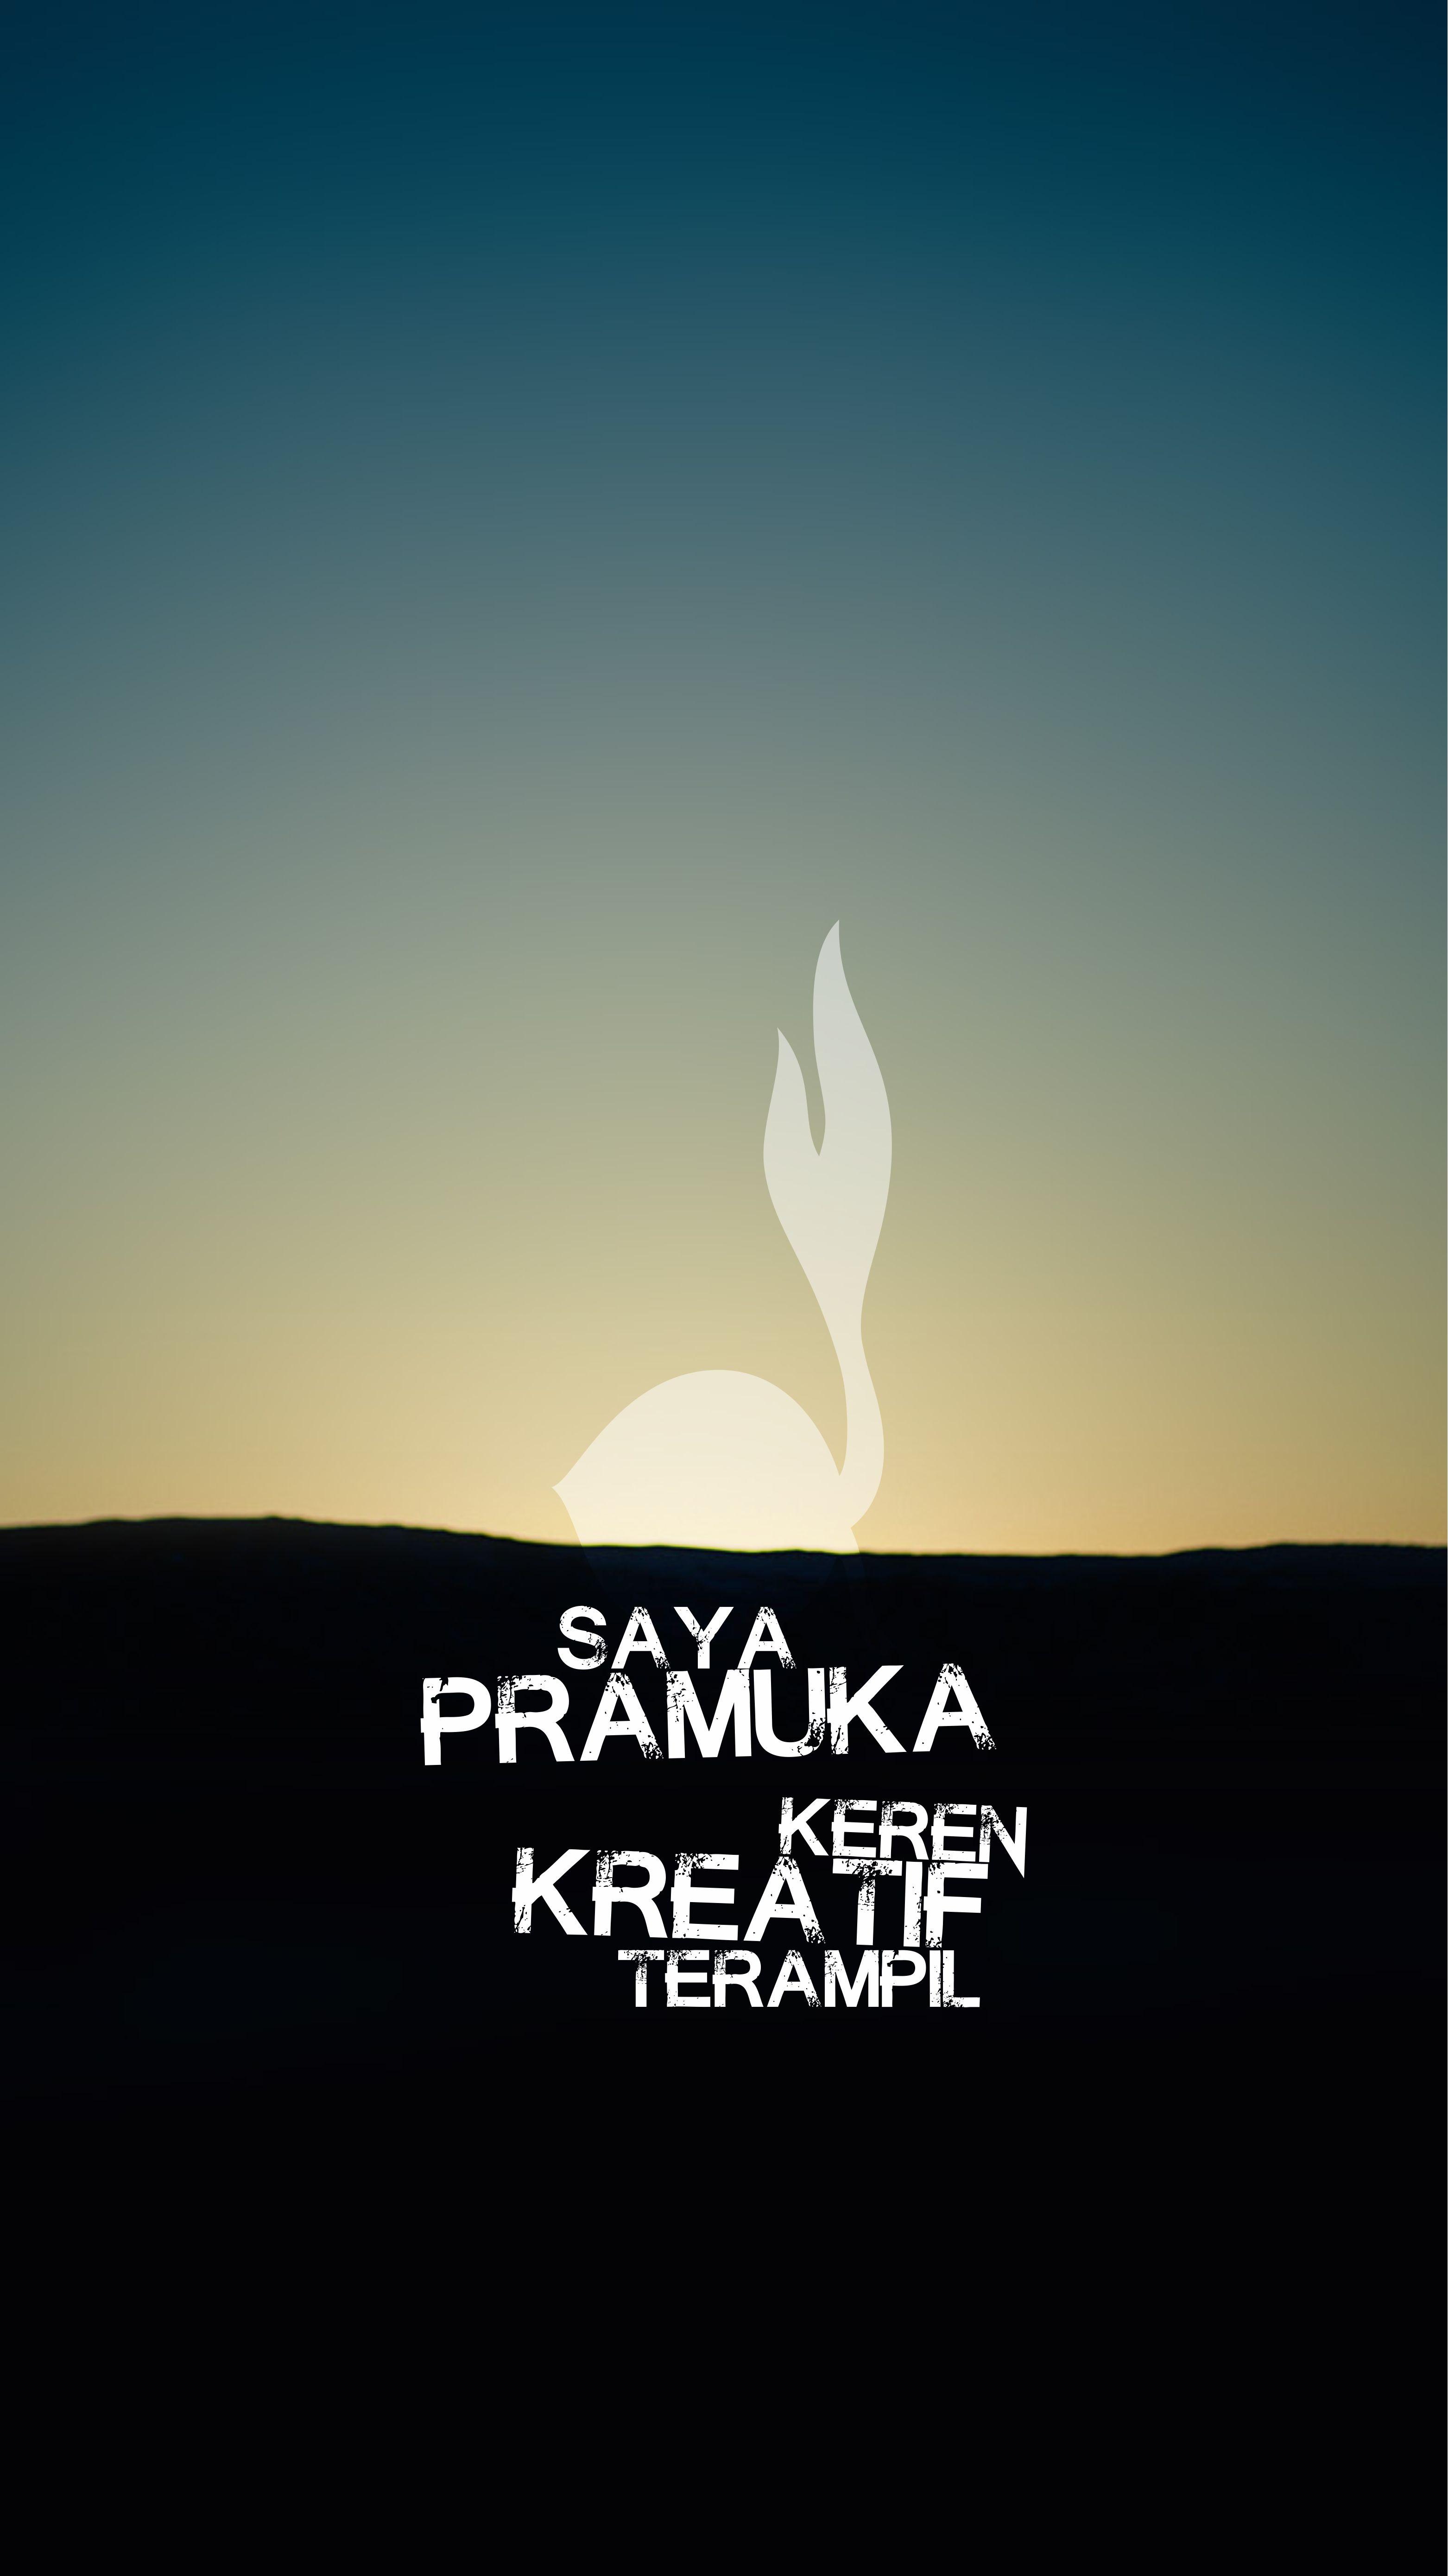 Logo Pramuka Sd